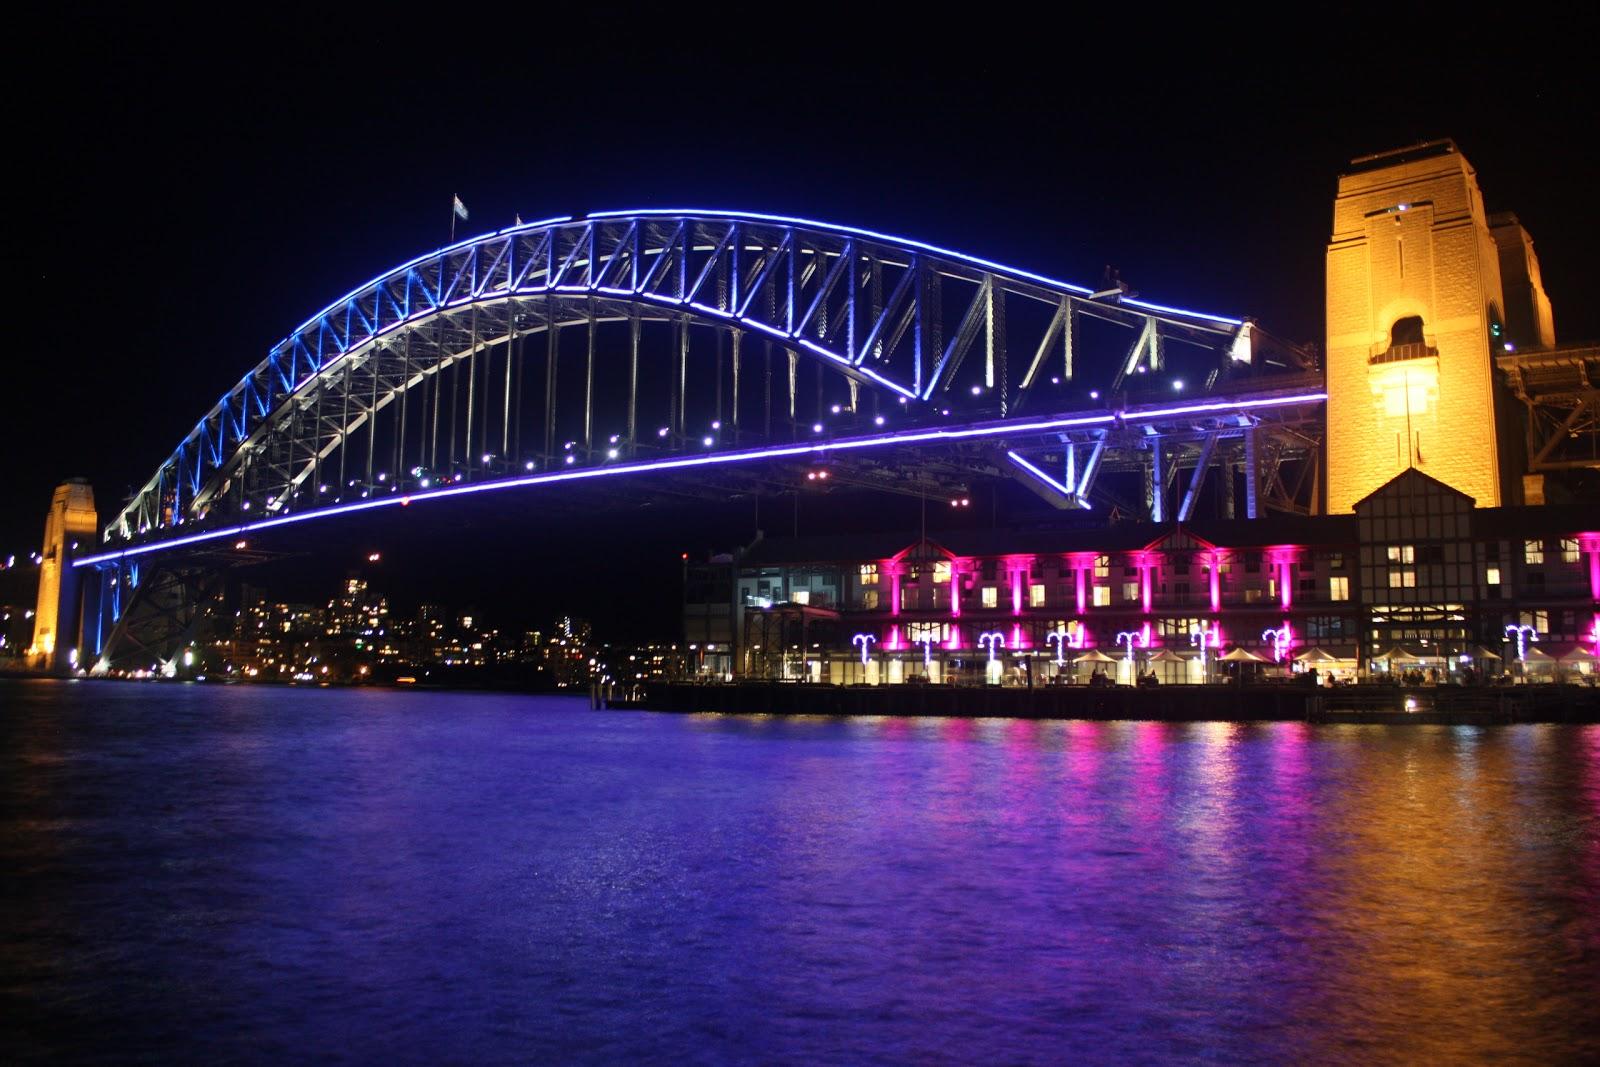 40 sydney harbour bridge - photo #32